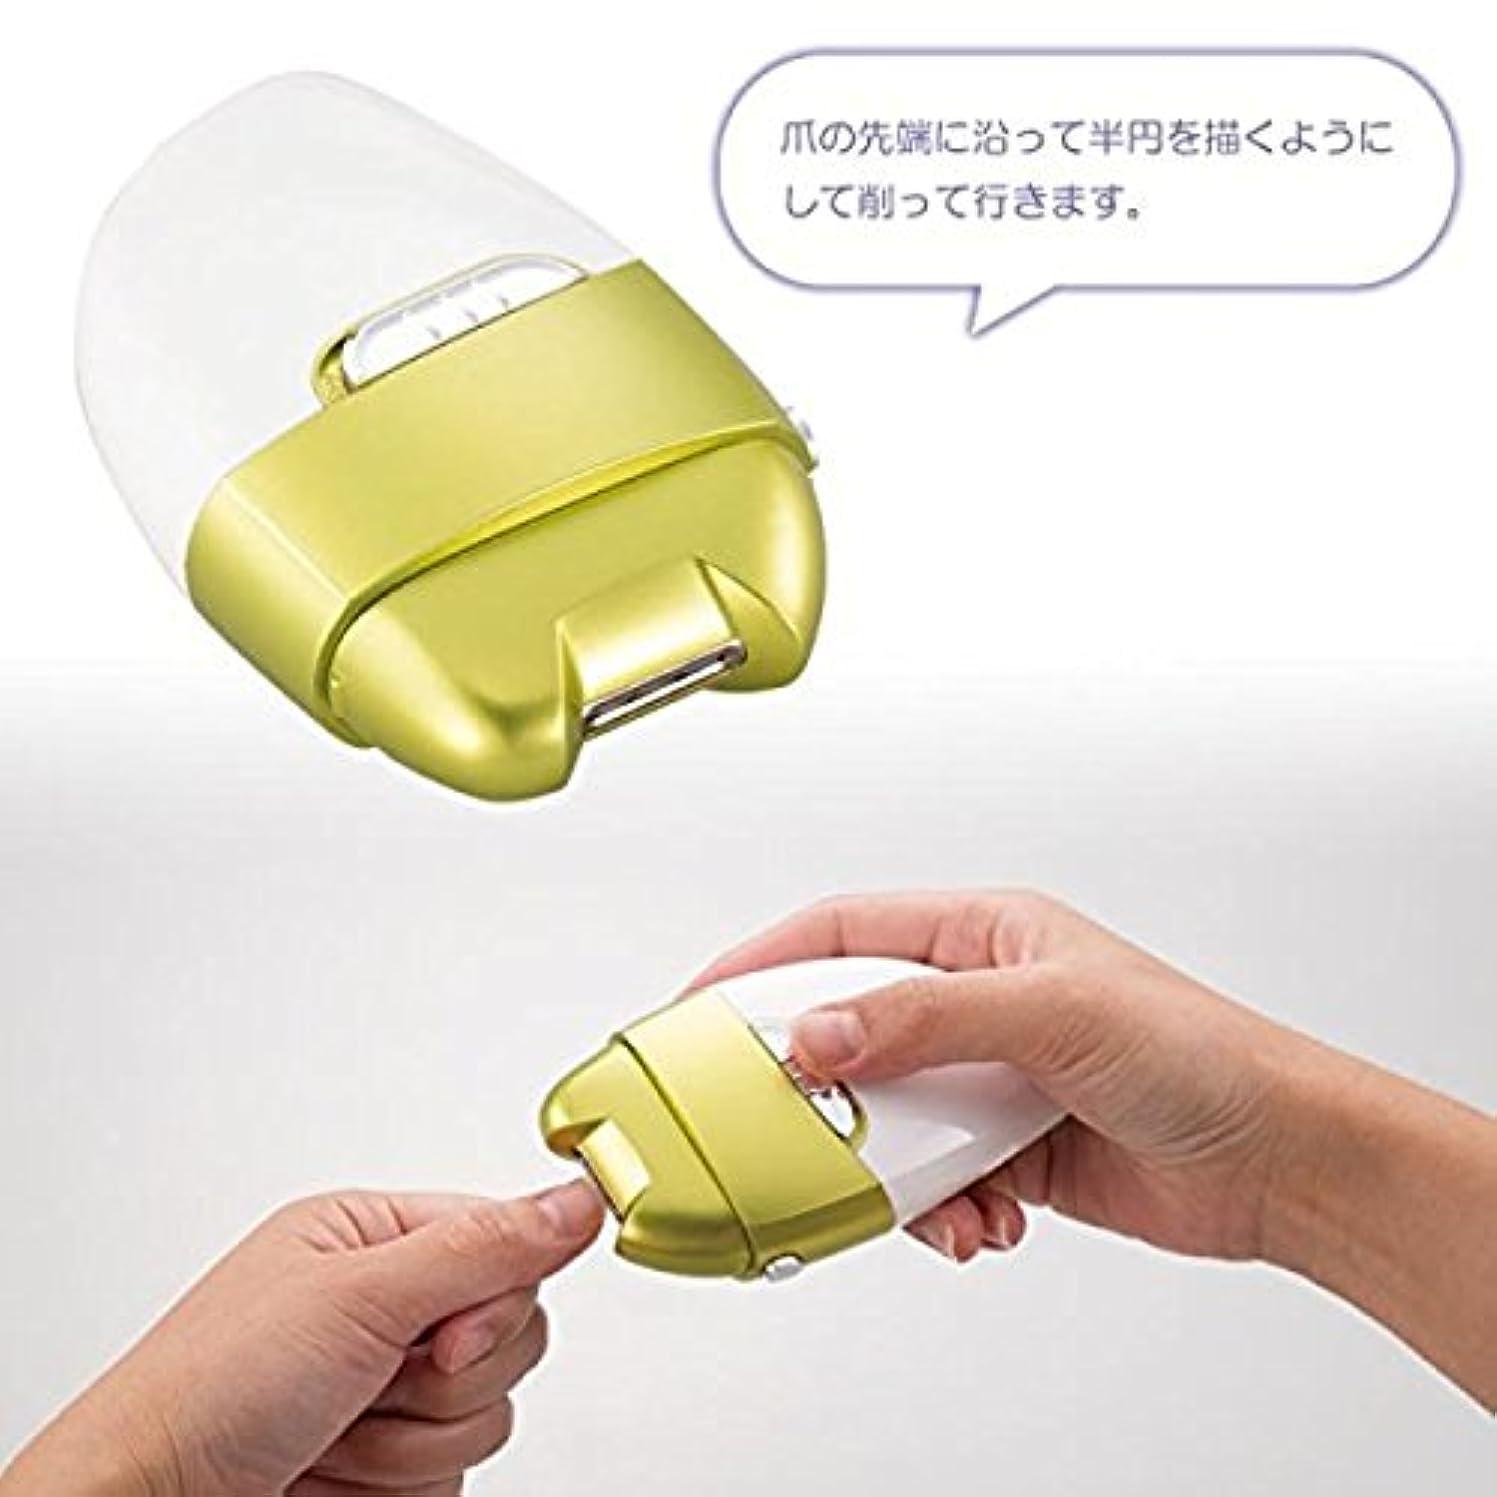 電動爪削り Leaf dS-1651428